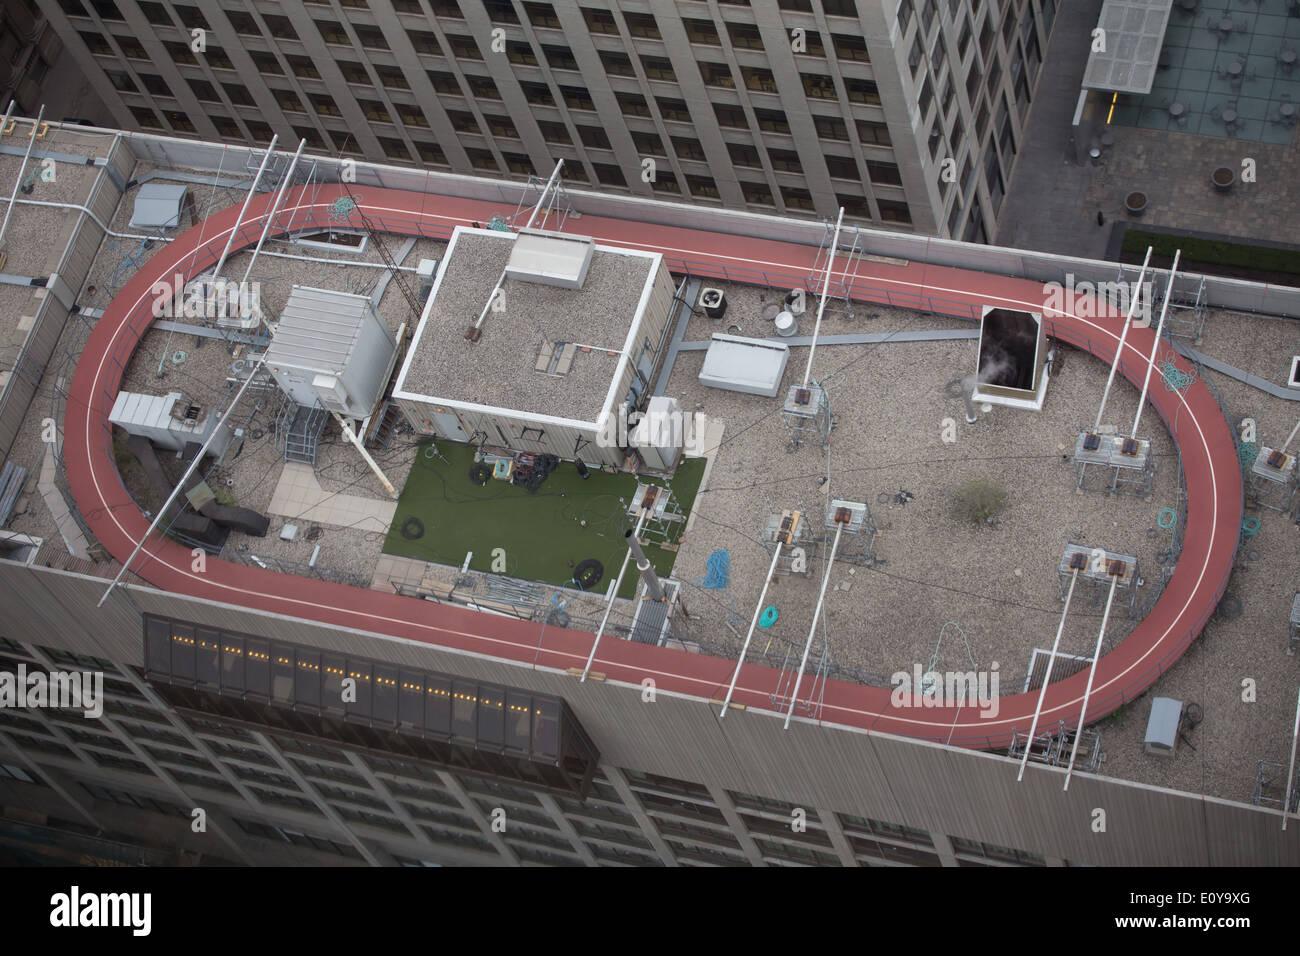 Pista de Atletismo en la azotea edificio Downtown Toronto Imagen De Stock